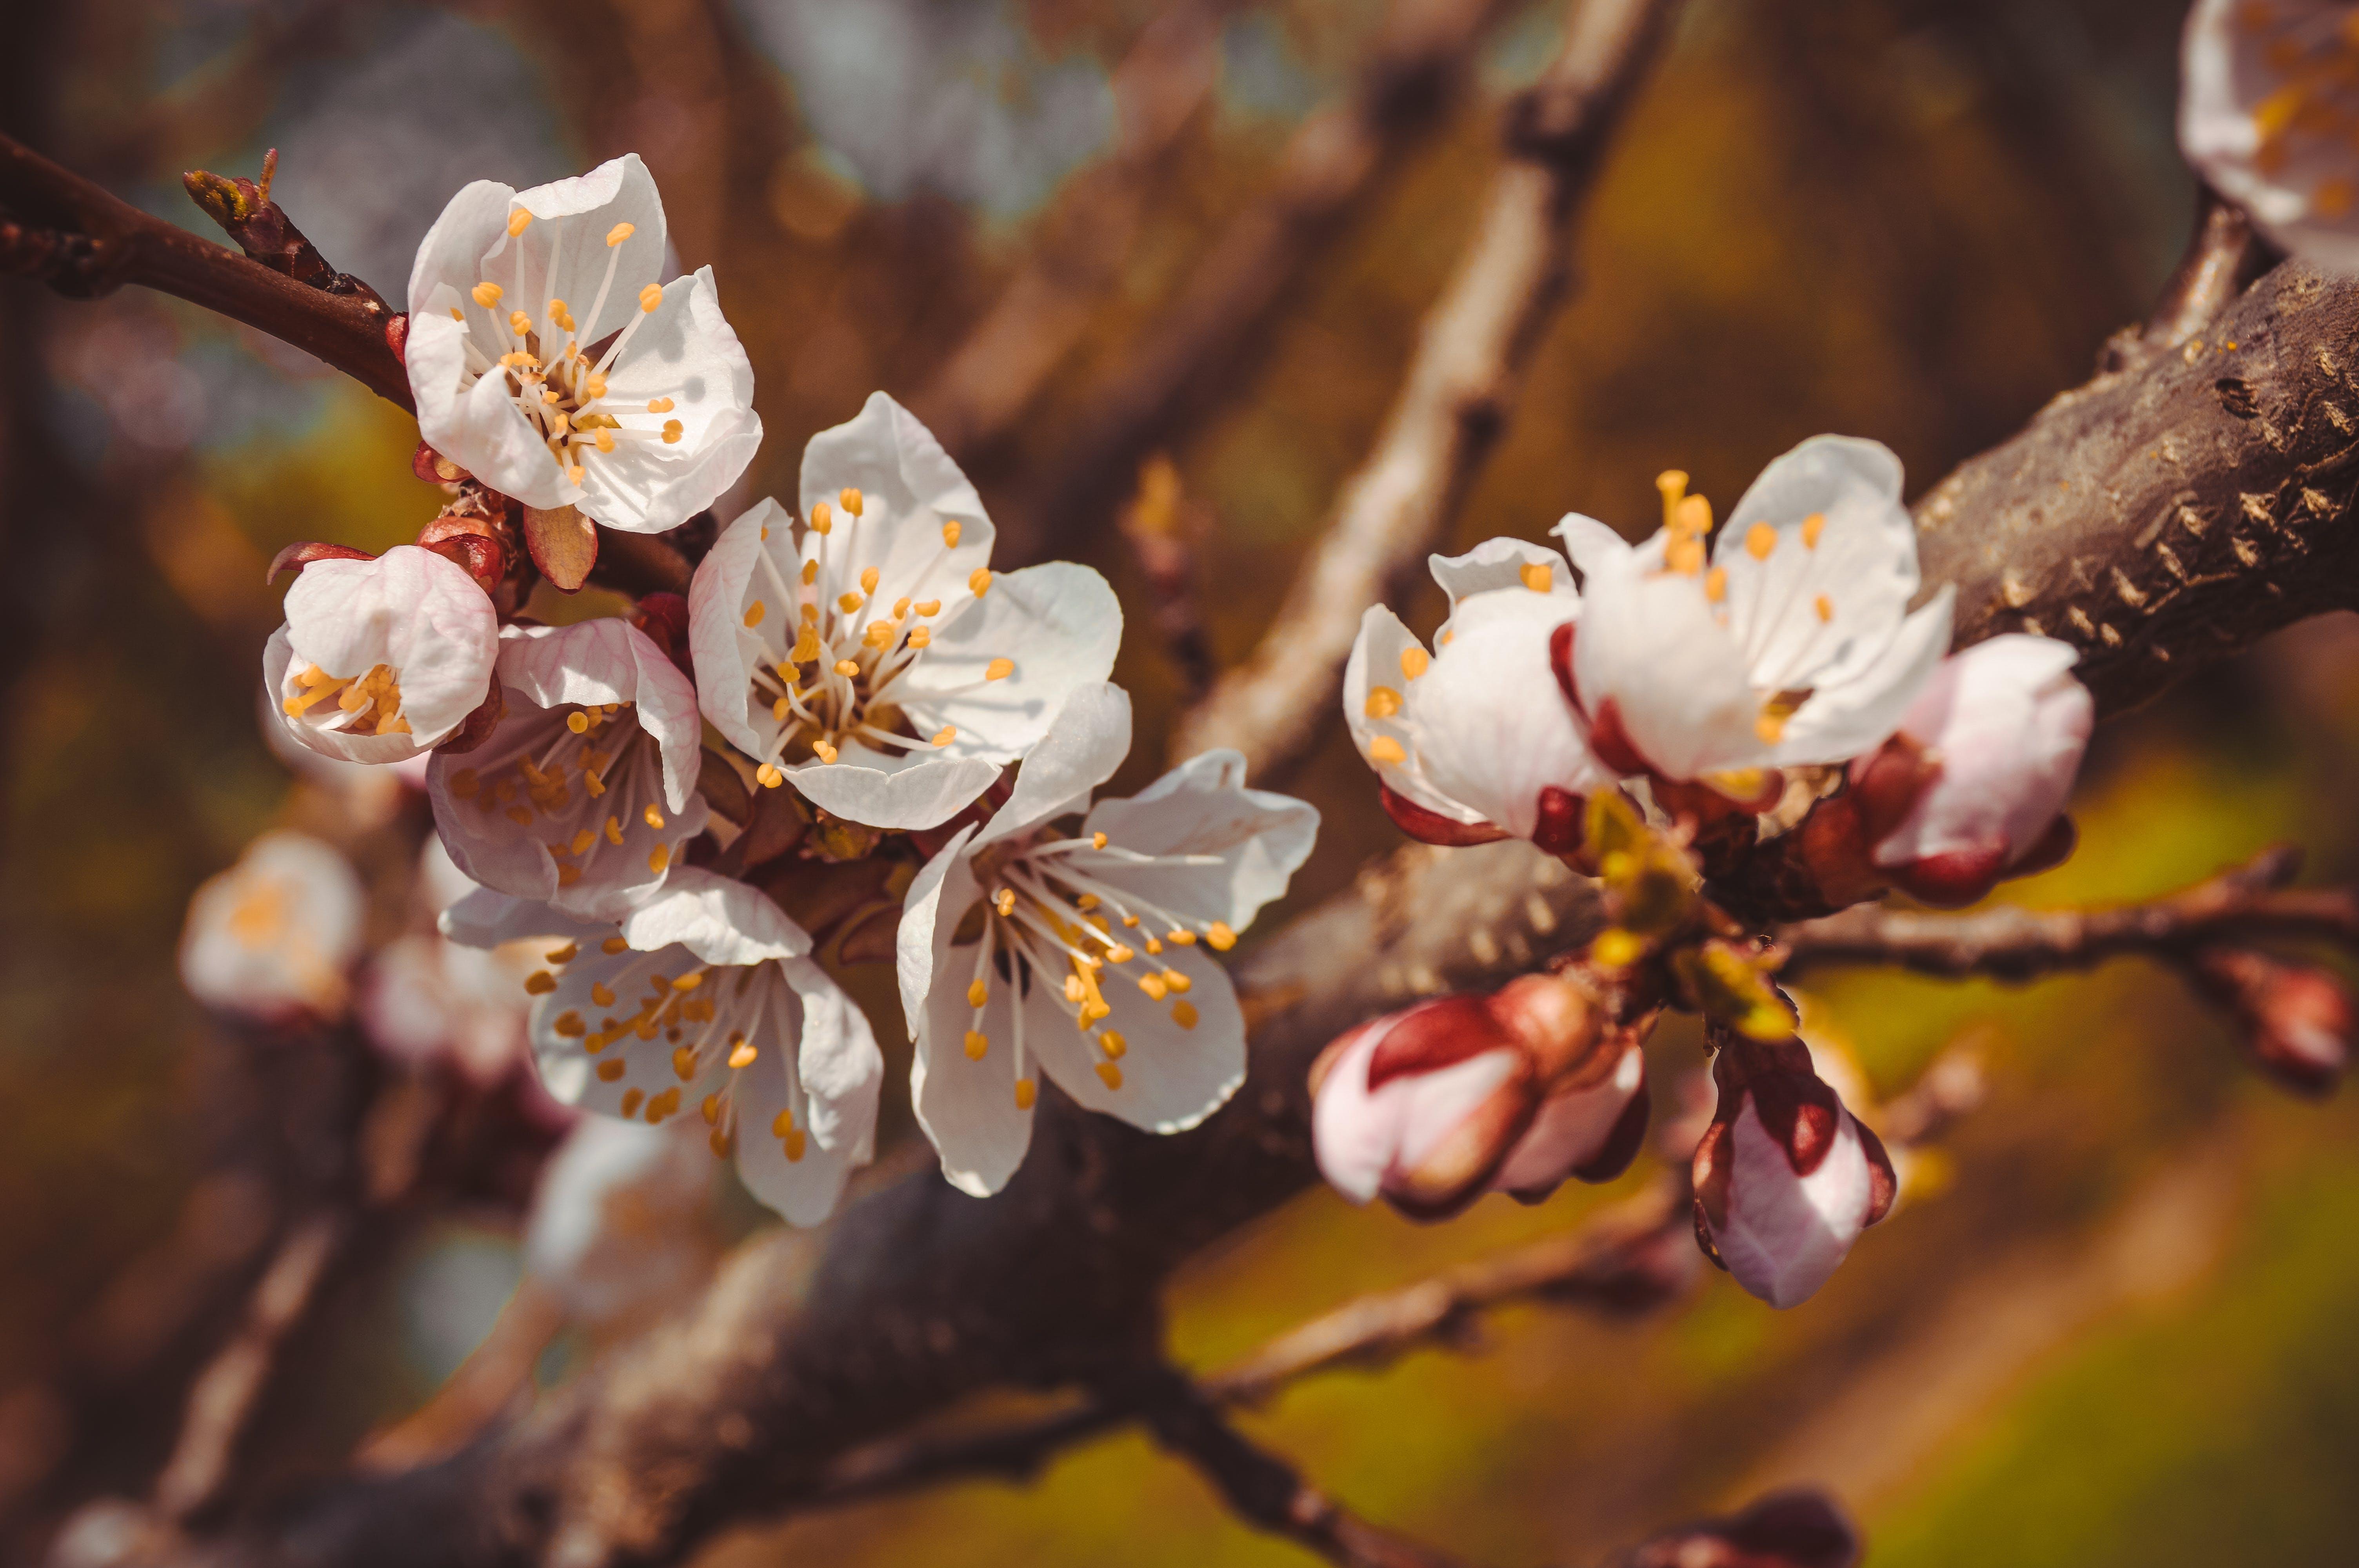 Tilt-shift Lens Photo of White Flowers